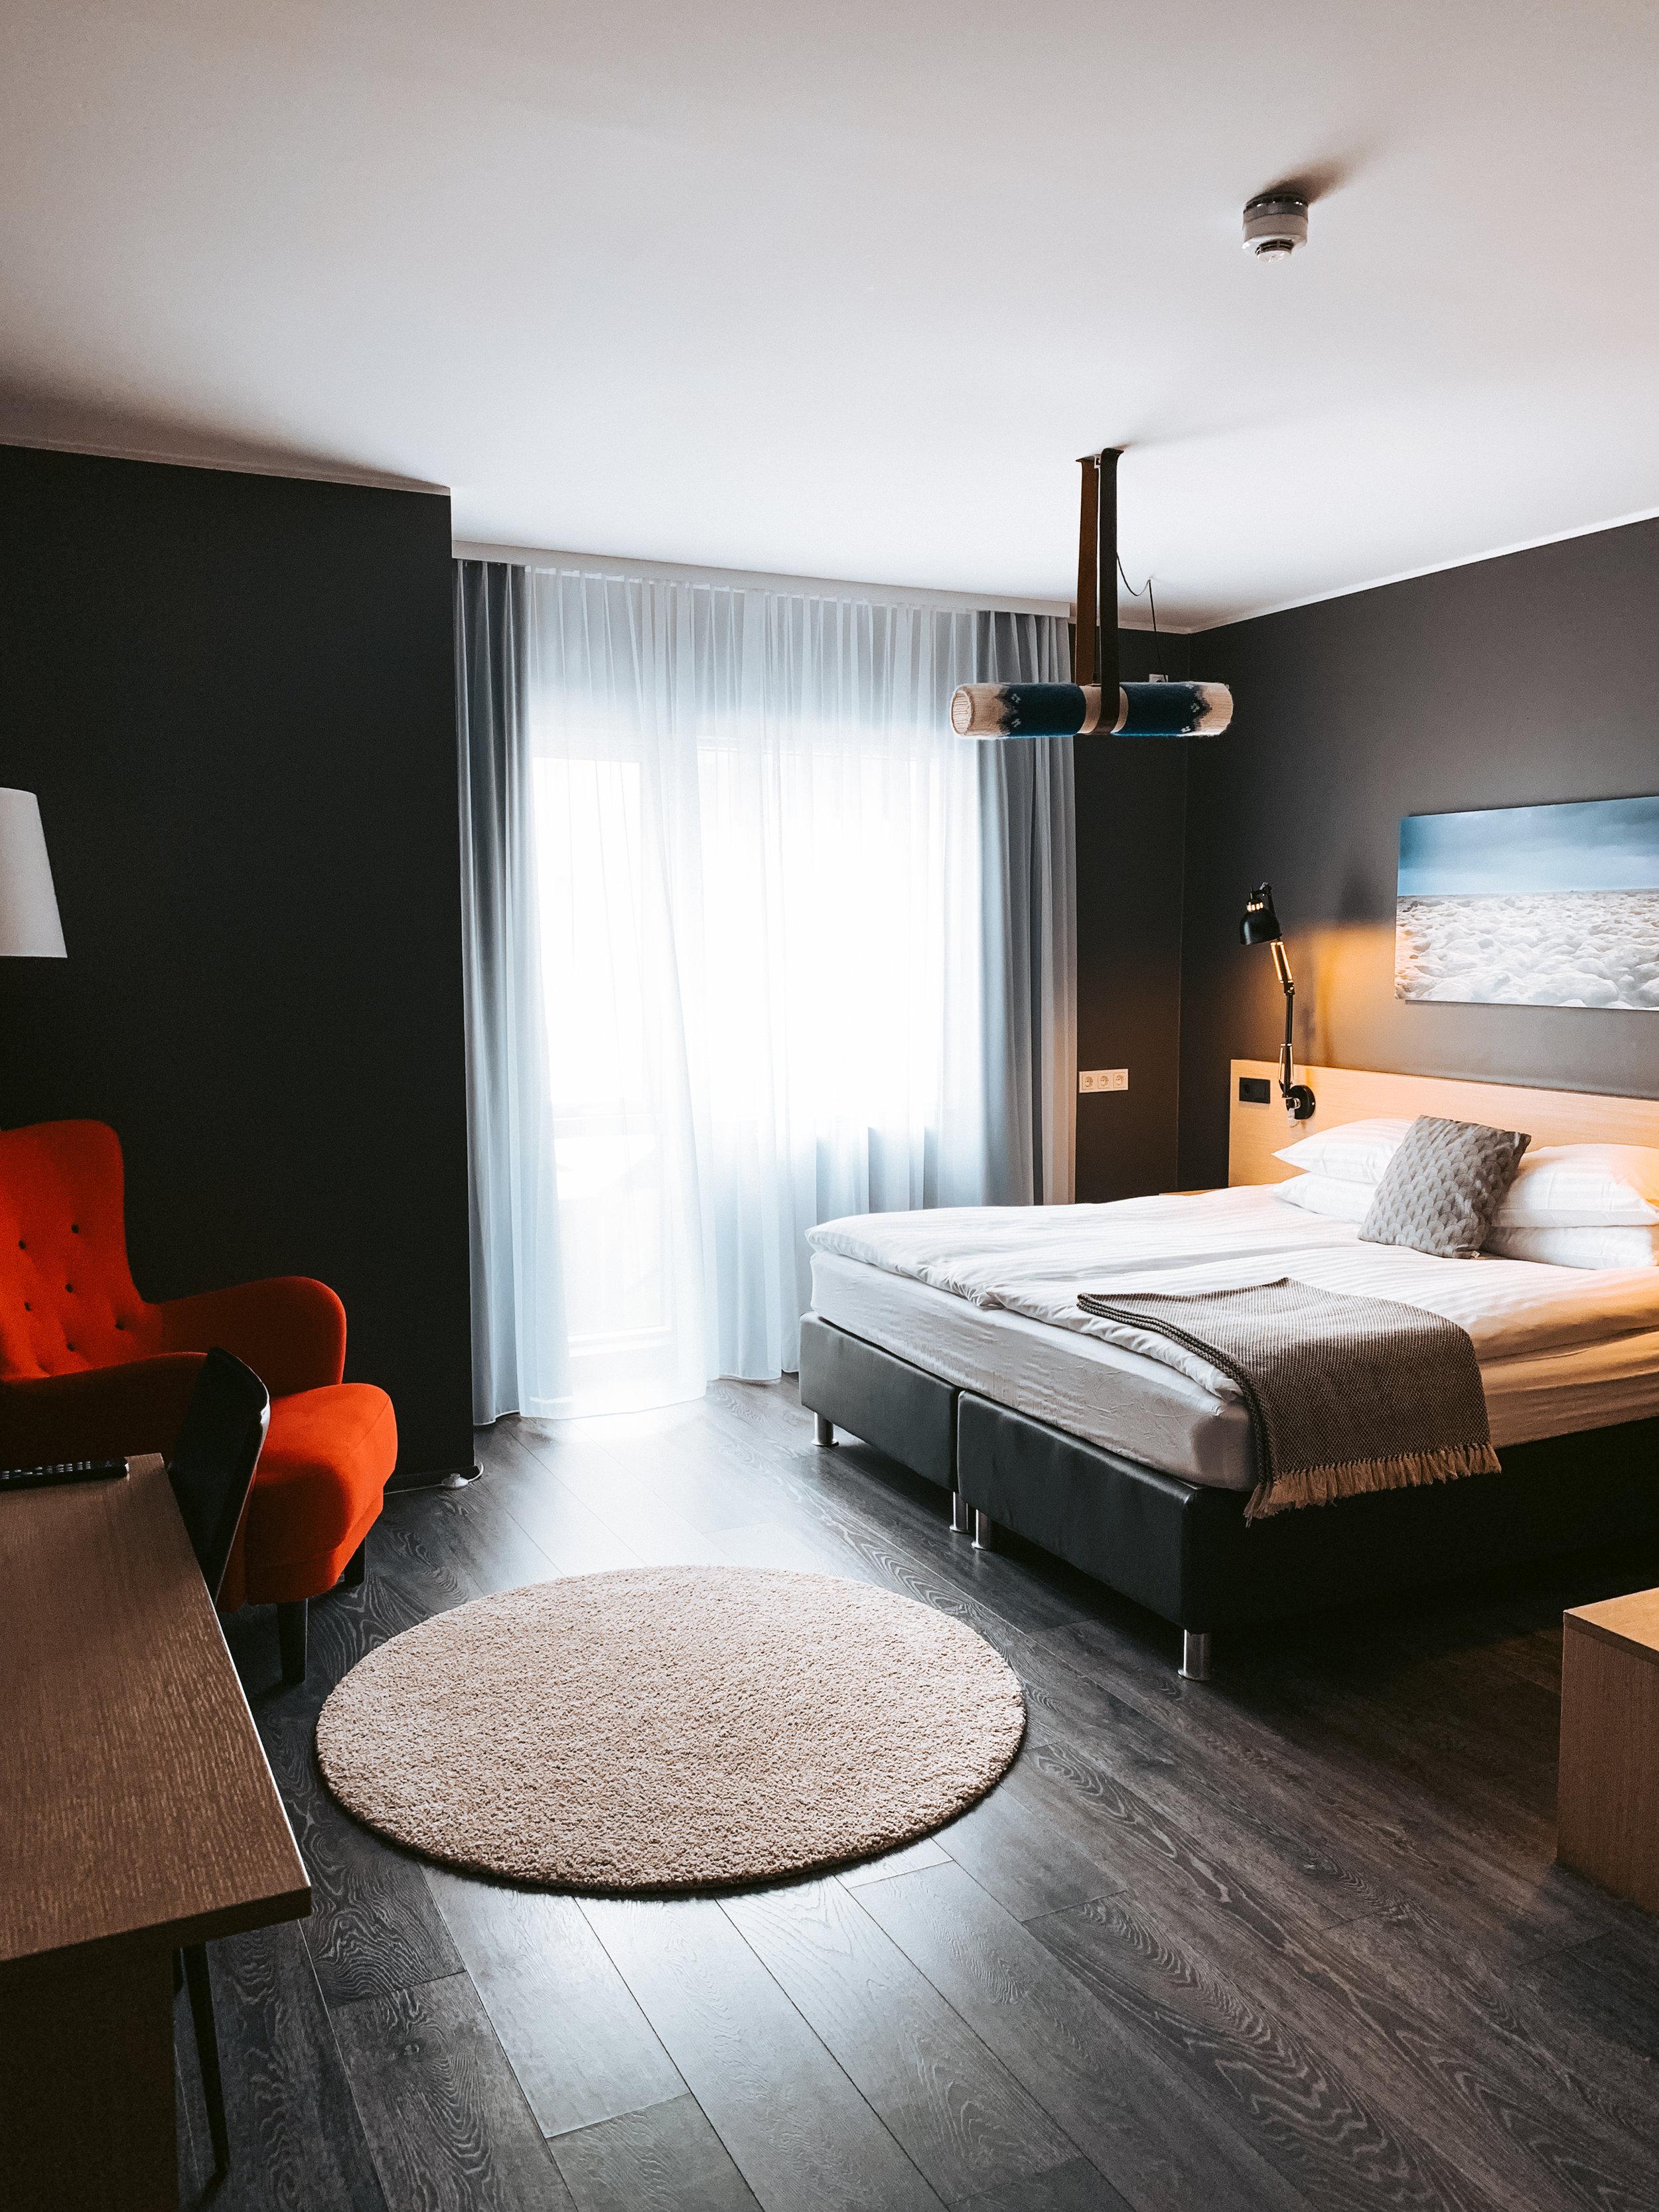 LSS Alda Hotel Reykjavik